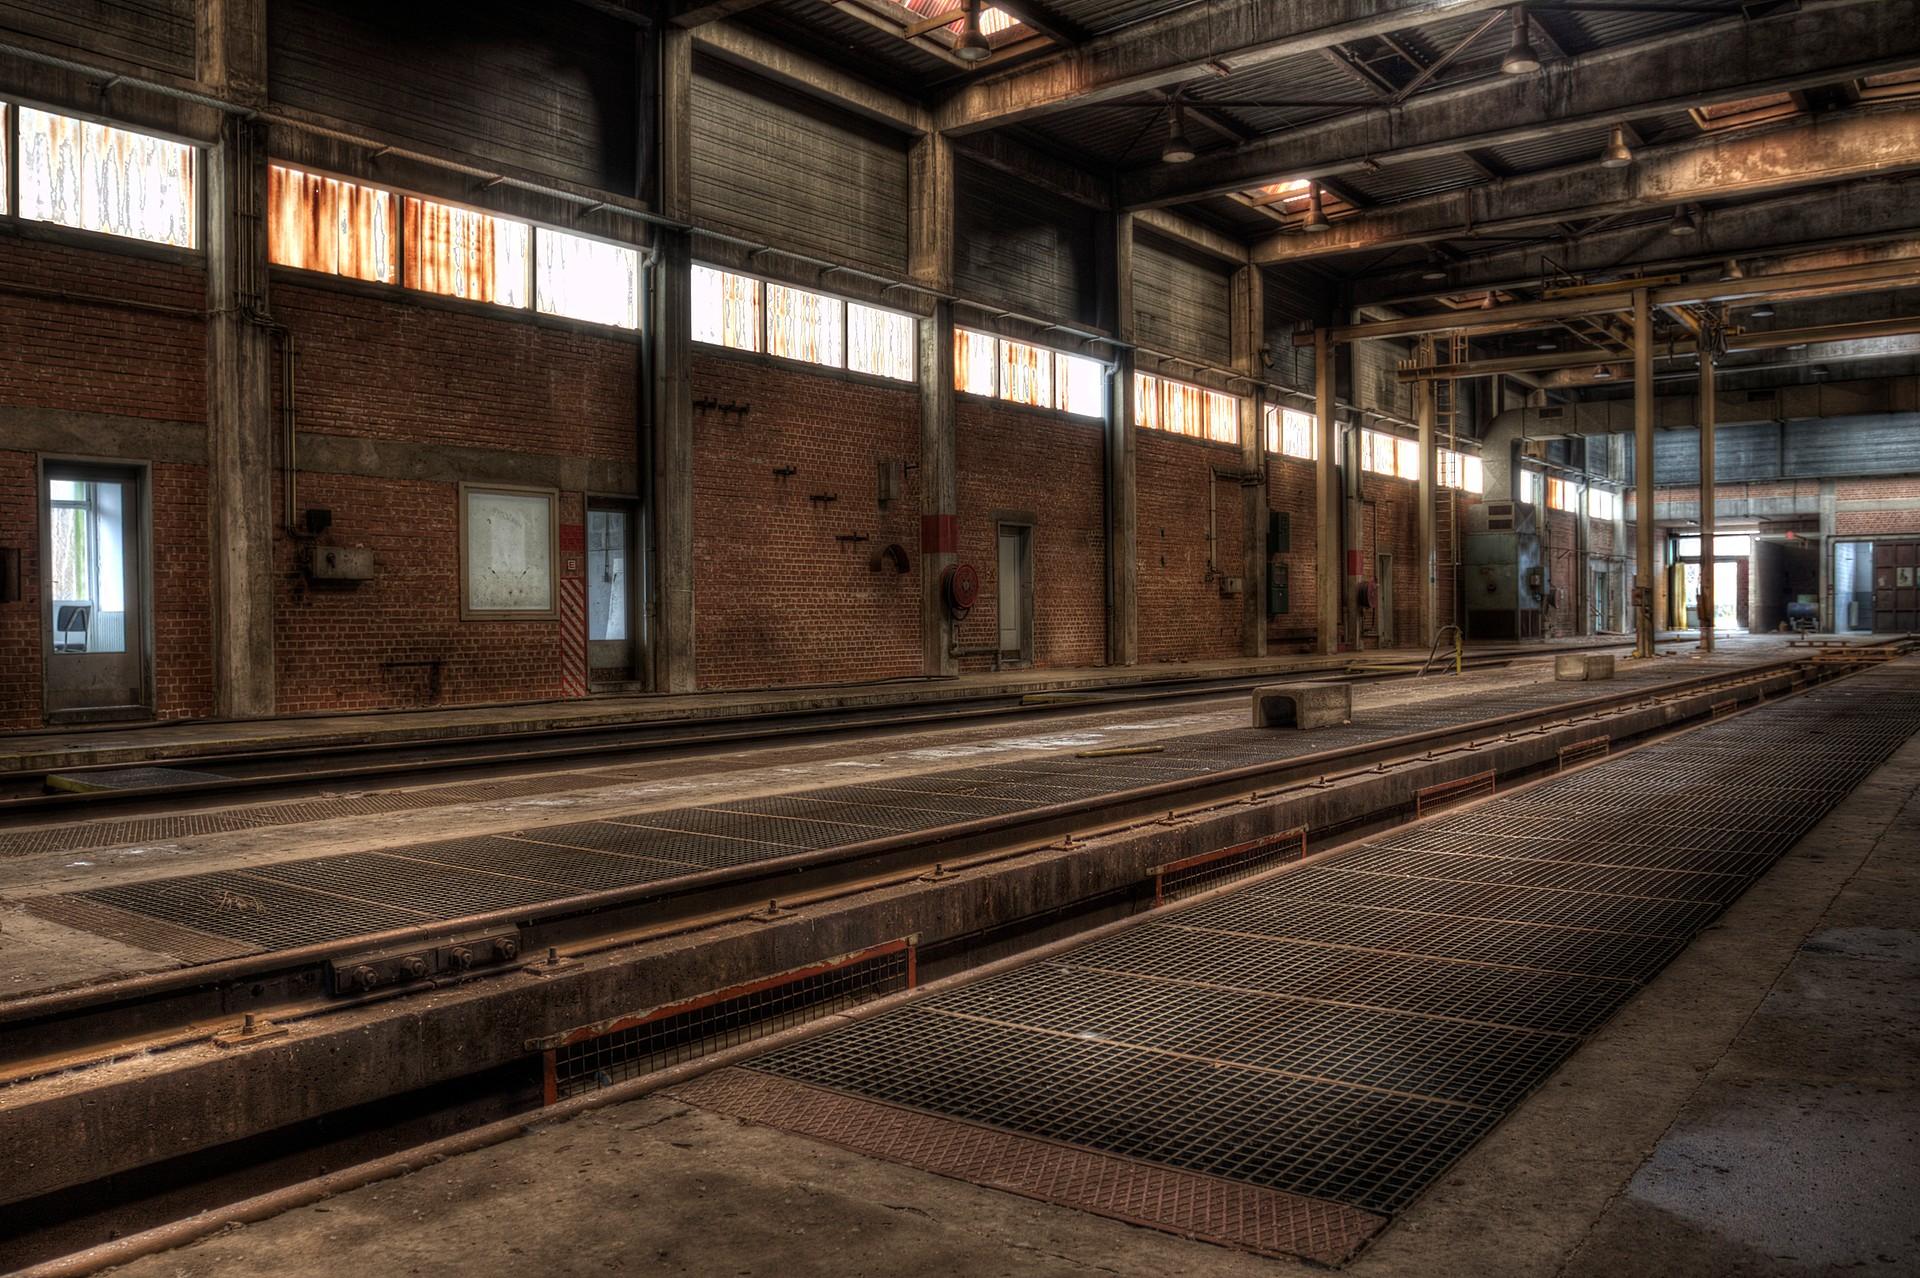 Gare Montzen 2.0